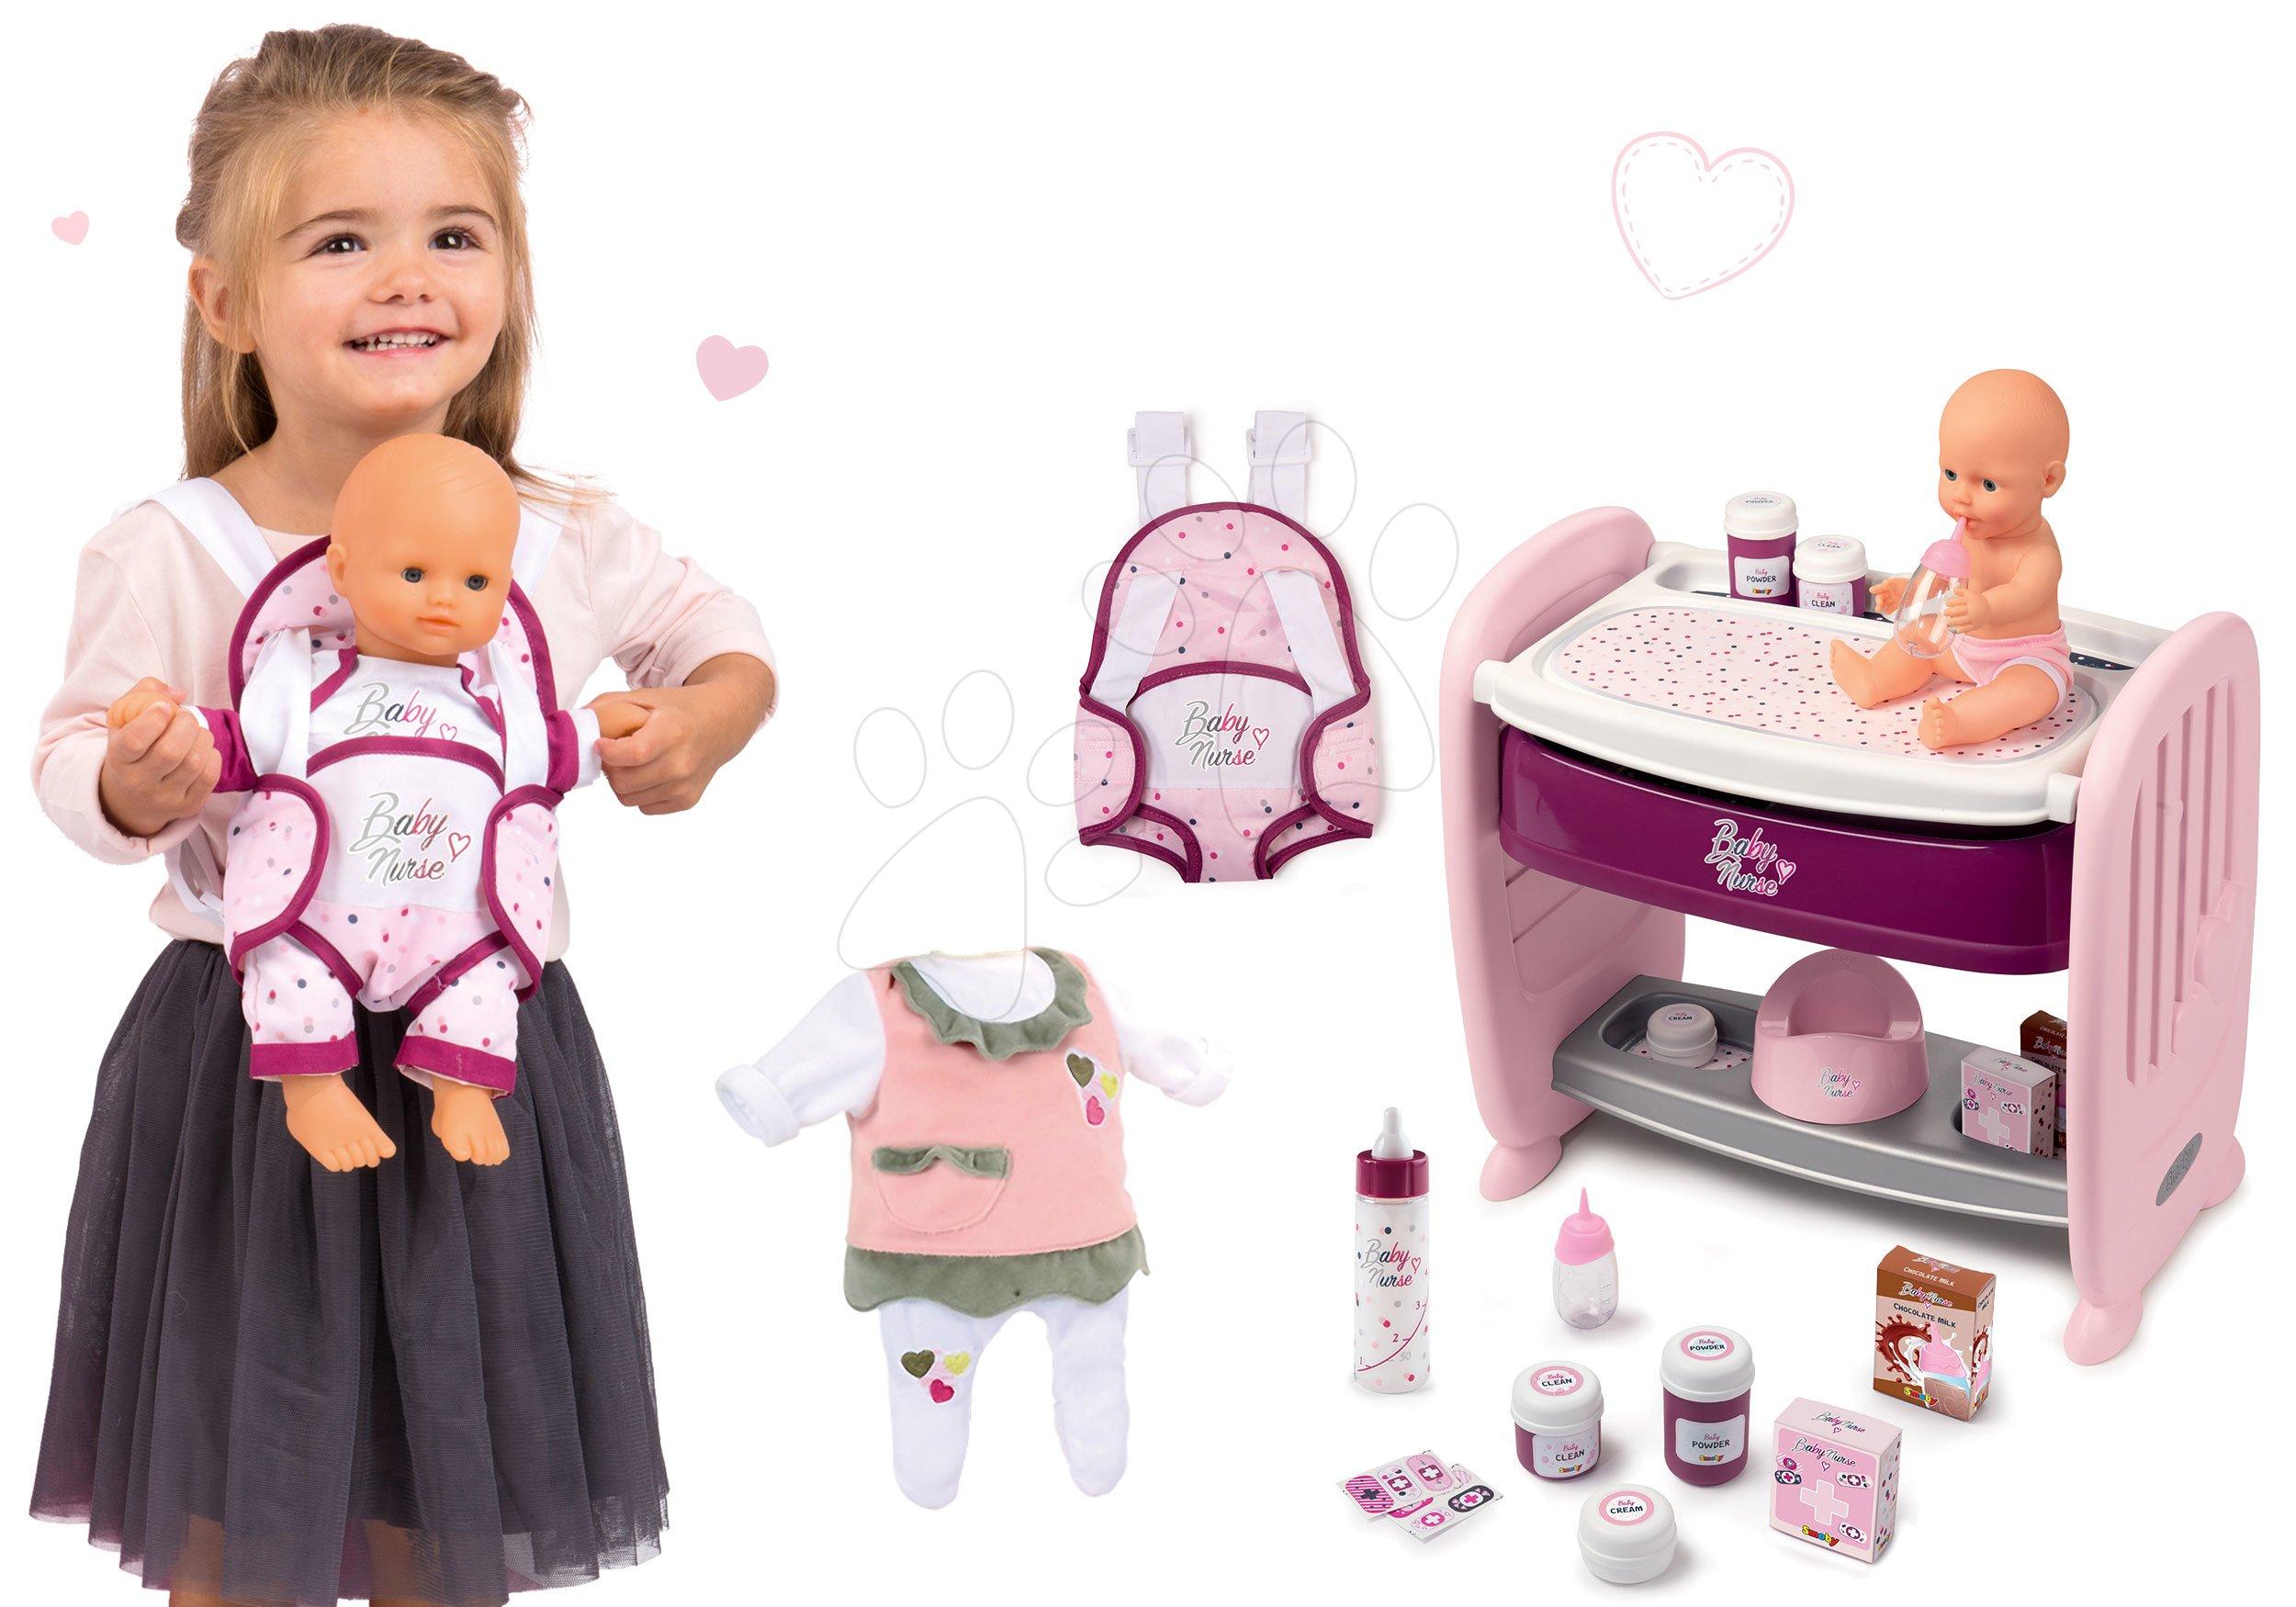 Set pătuț de păpușă lângă pătuț de copil cu pult de înfășat Violette Baby Nurse 2în1 Smoby cu păpușă, care face pipi și marsupiu, sticlă de biberon și hăinuță